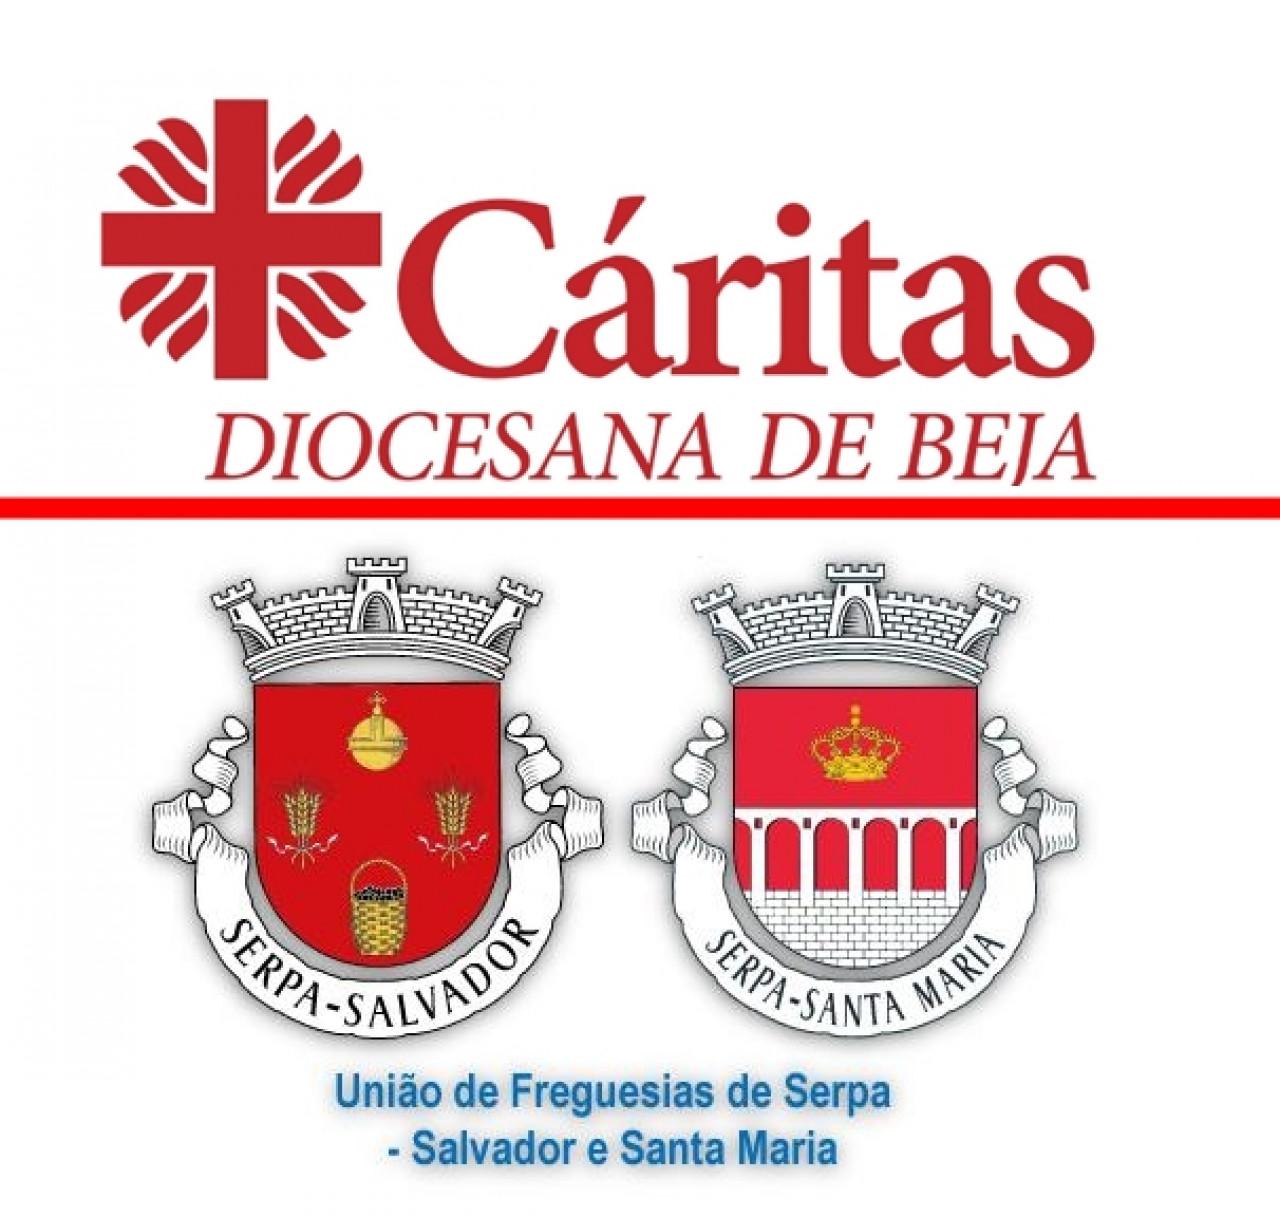 União de Freguesias de Serpa e Cáritas Diocesana de Beja aderem à Central de Compras da CIMBAL